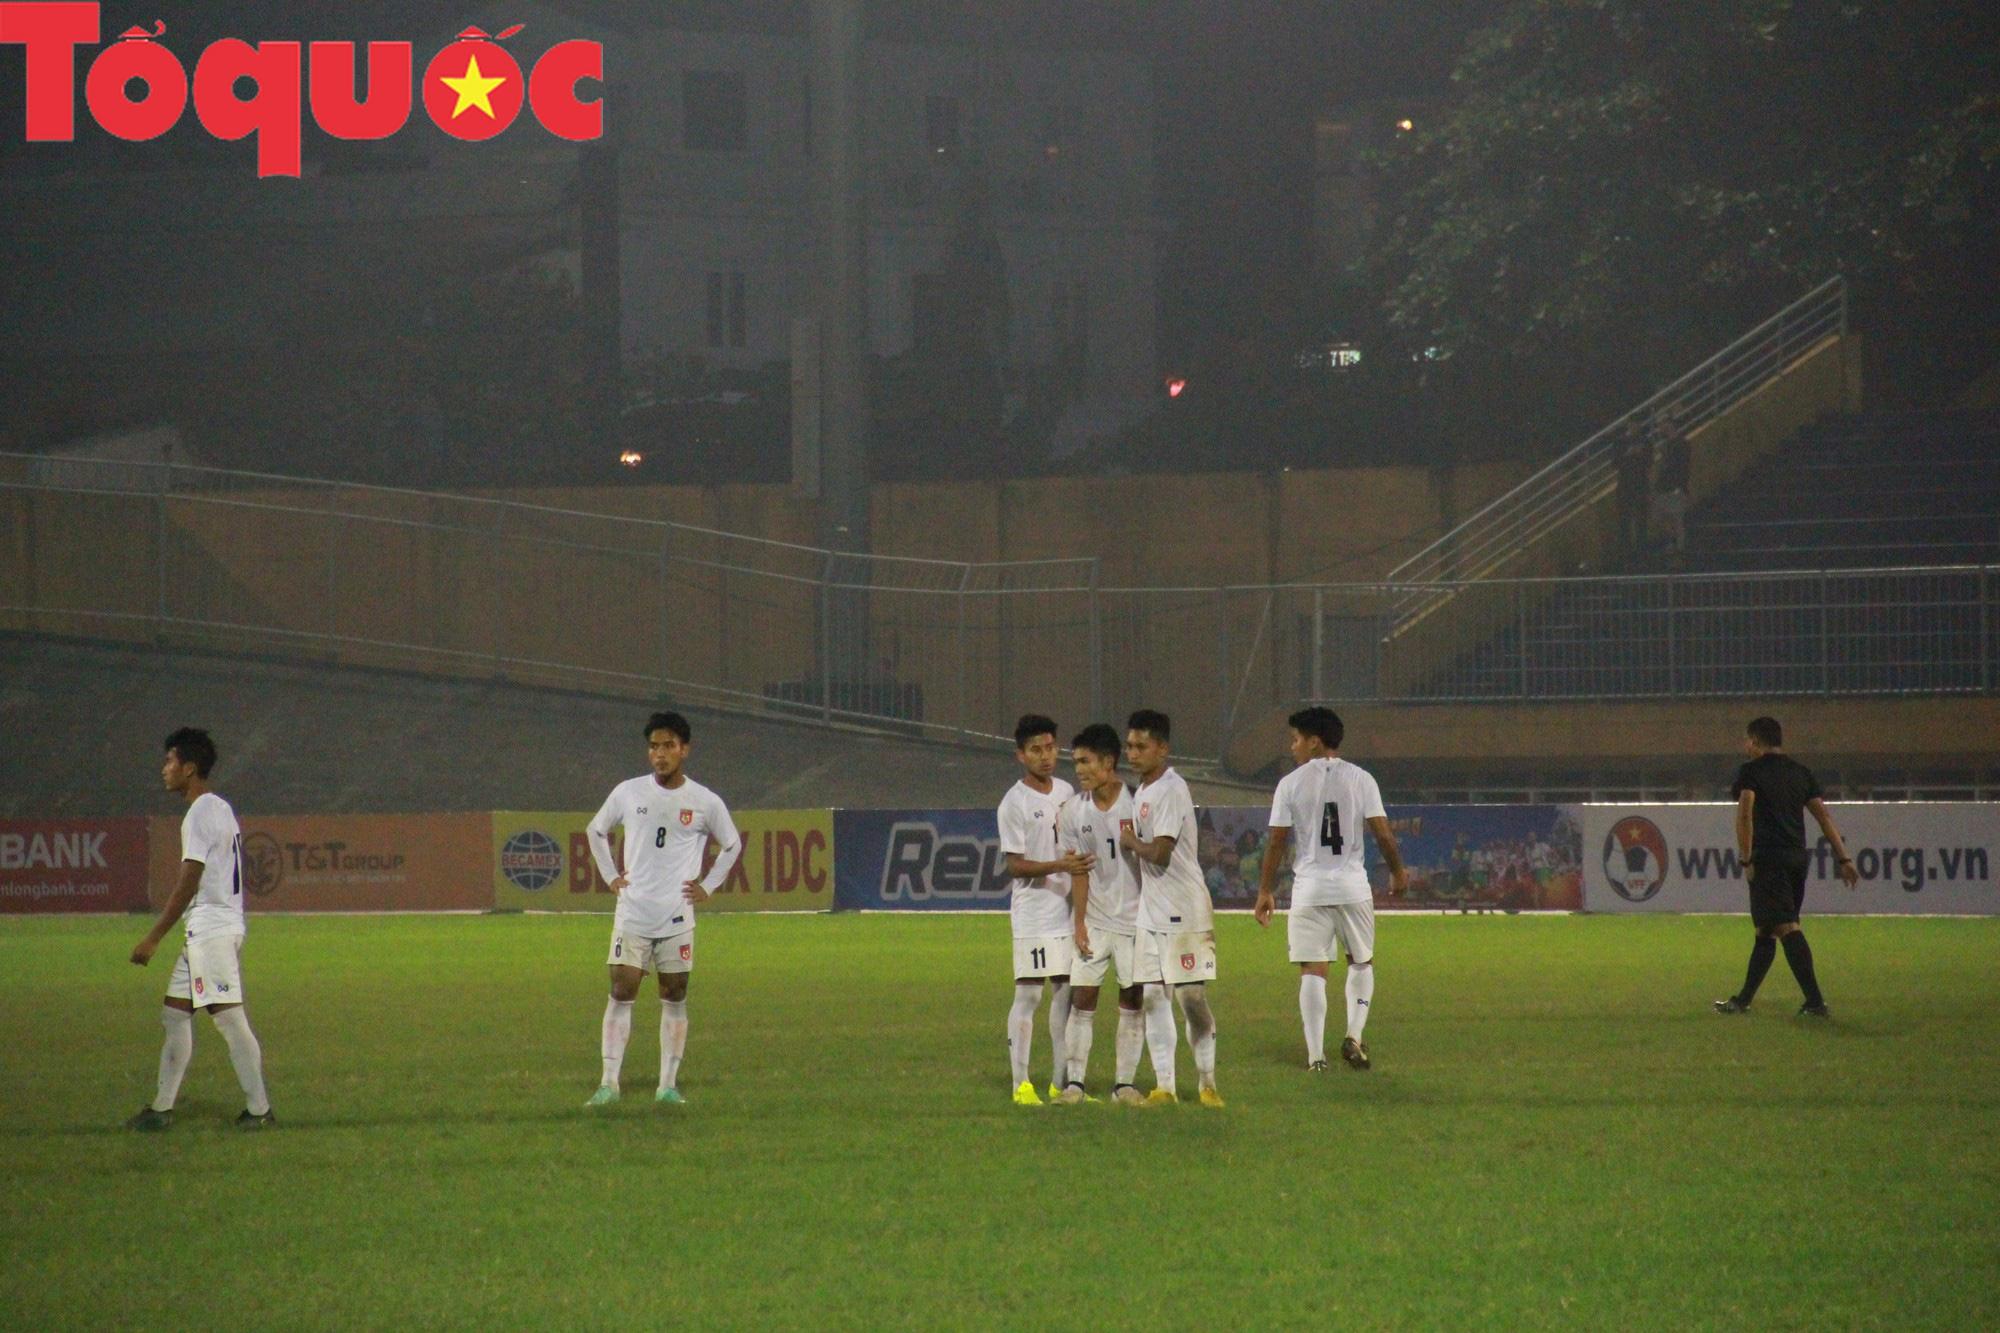 Bộ trưởng Nguyễn Ngọc Thiện dự khán trận chung kết U21 quốc tế - Ảnh 12.